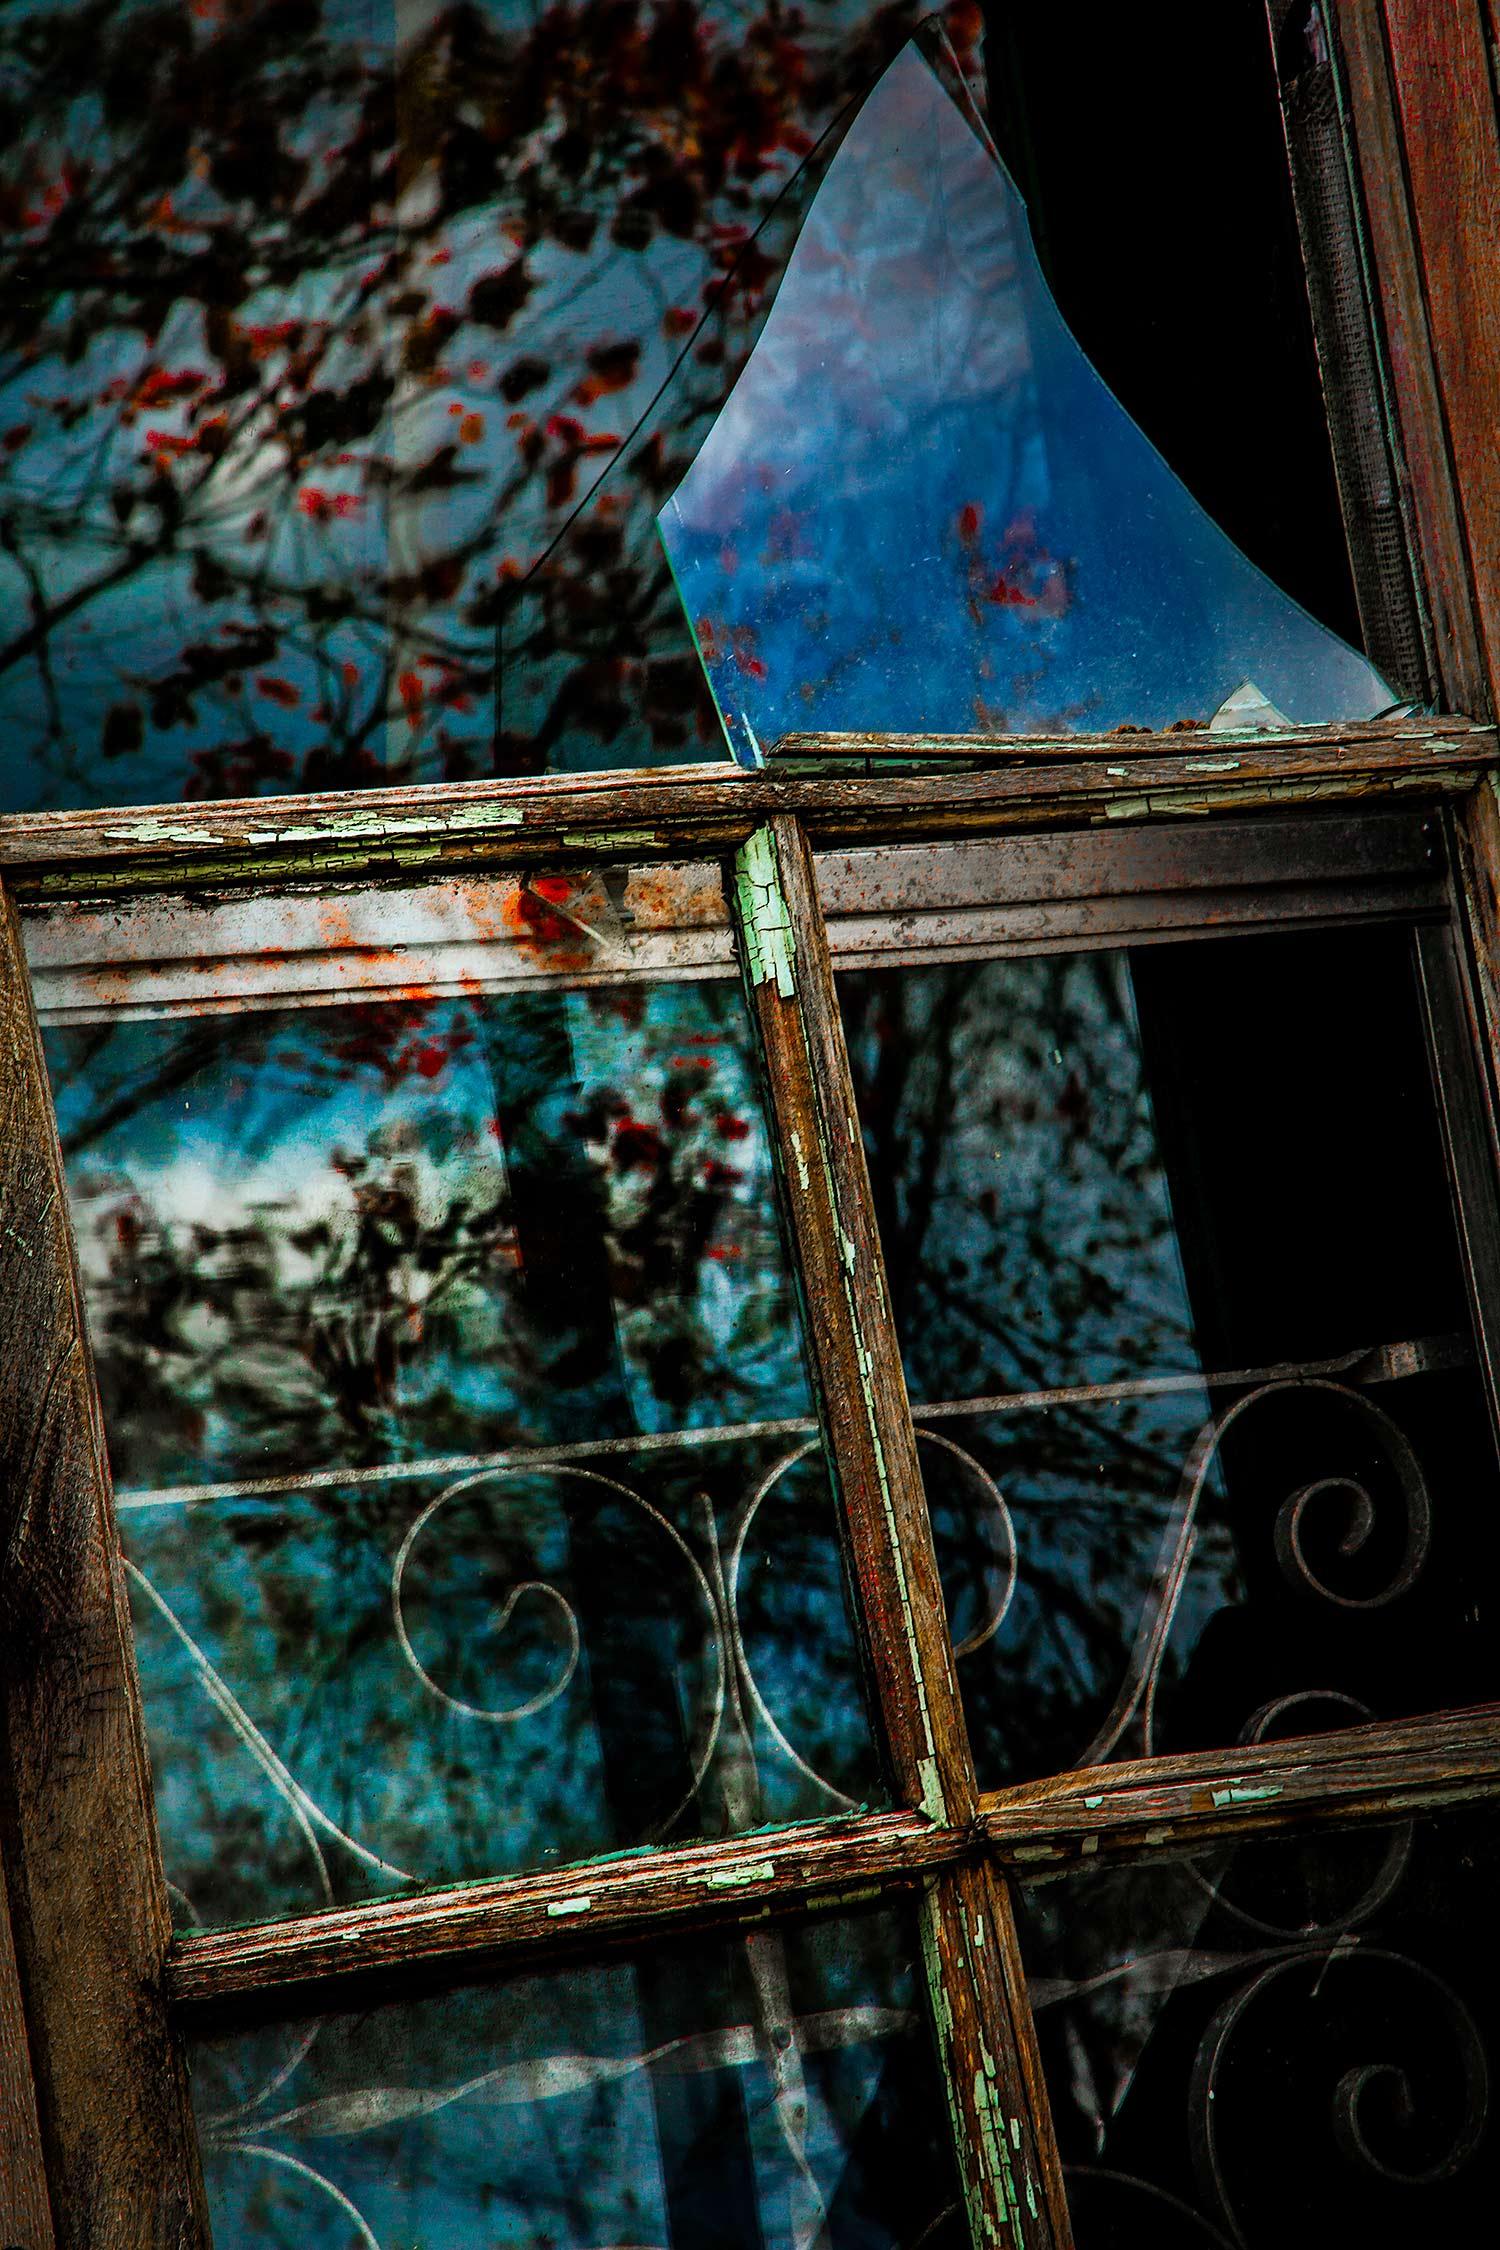 Broken Glass and Door, Bar Harbor, Maine, 2010